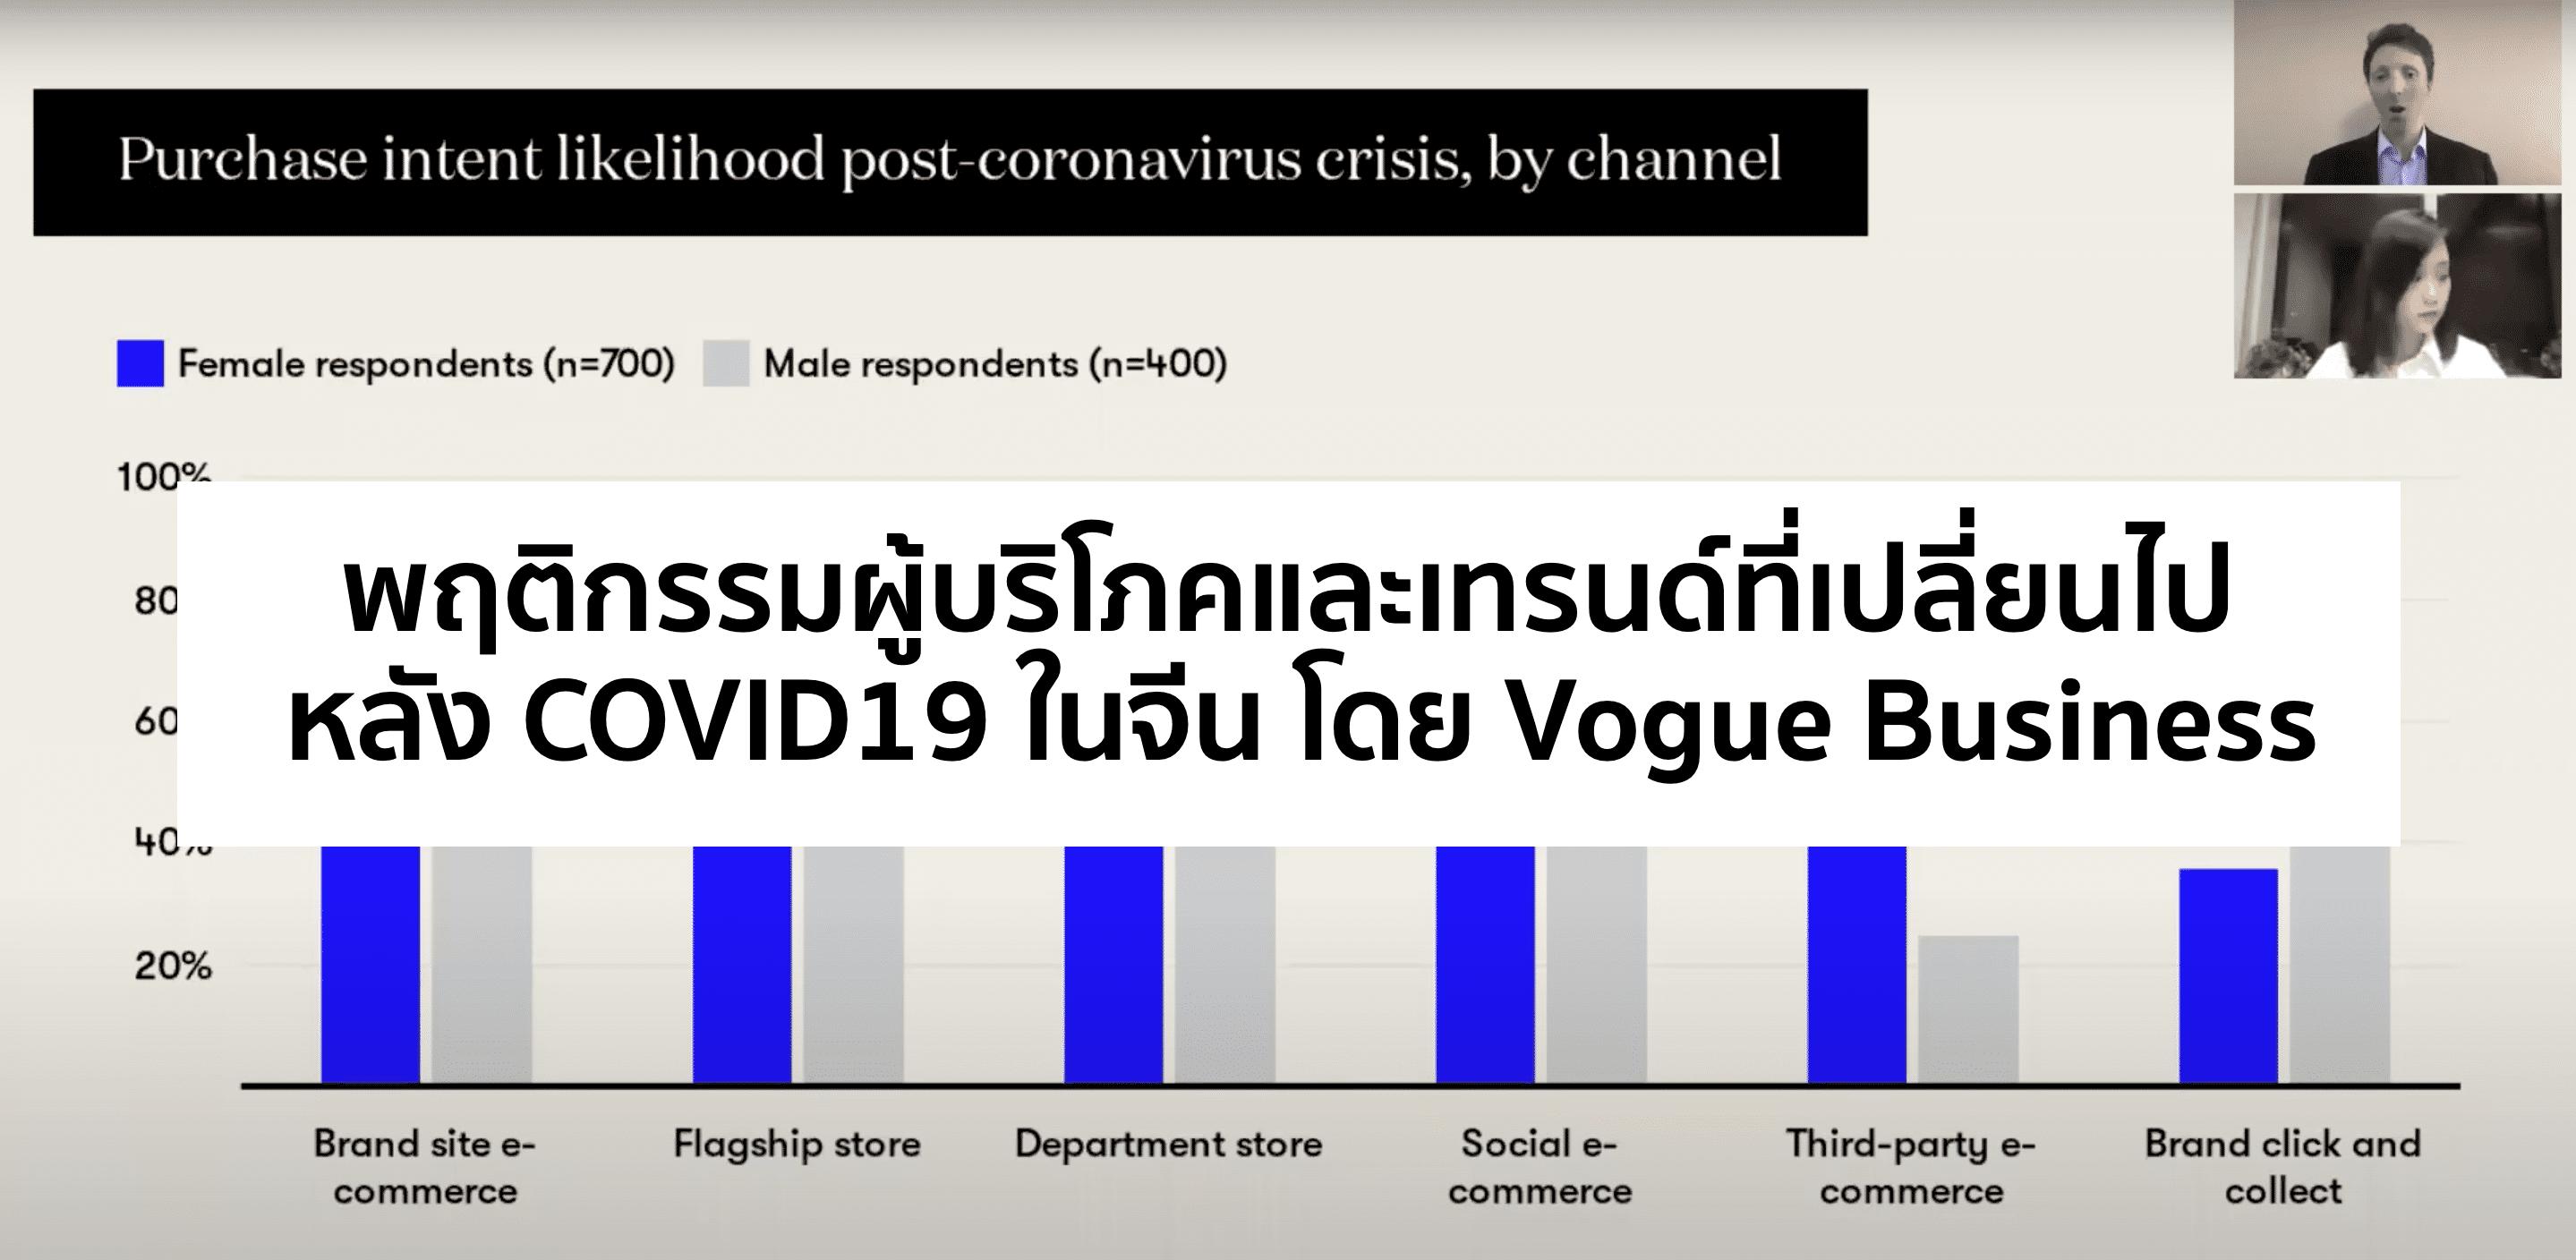 หลัง COVID19 – Brands และ Retails ในจีนเป็นอย่างไร?